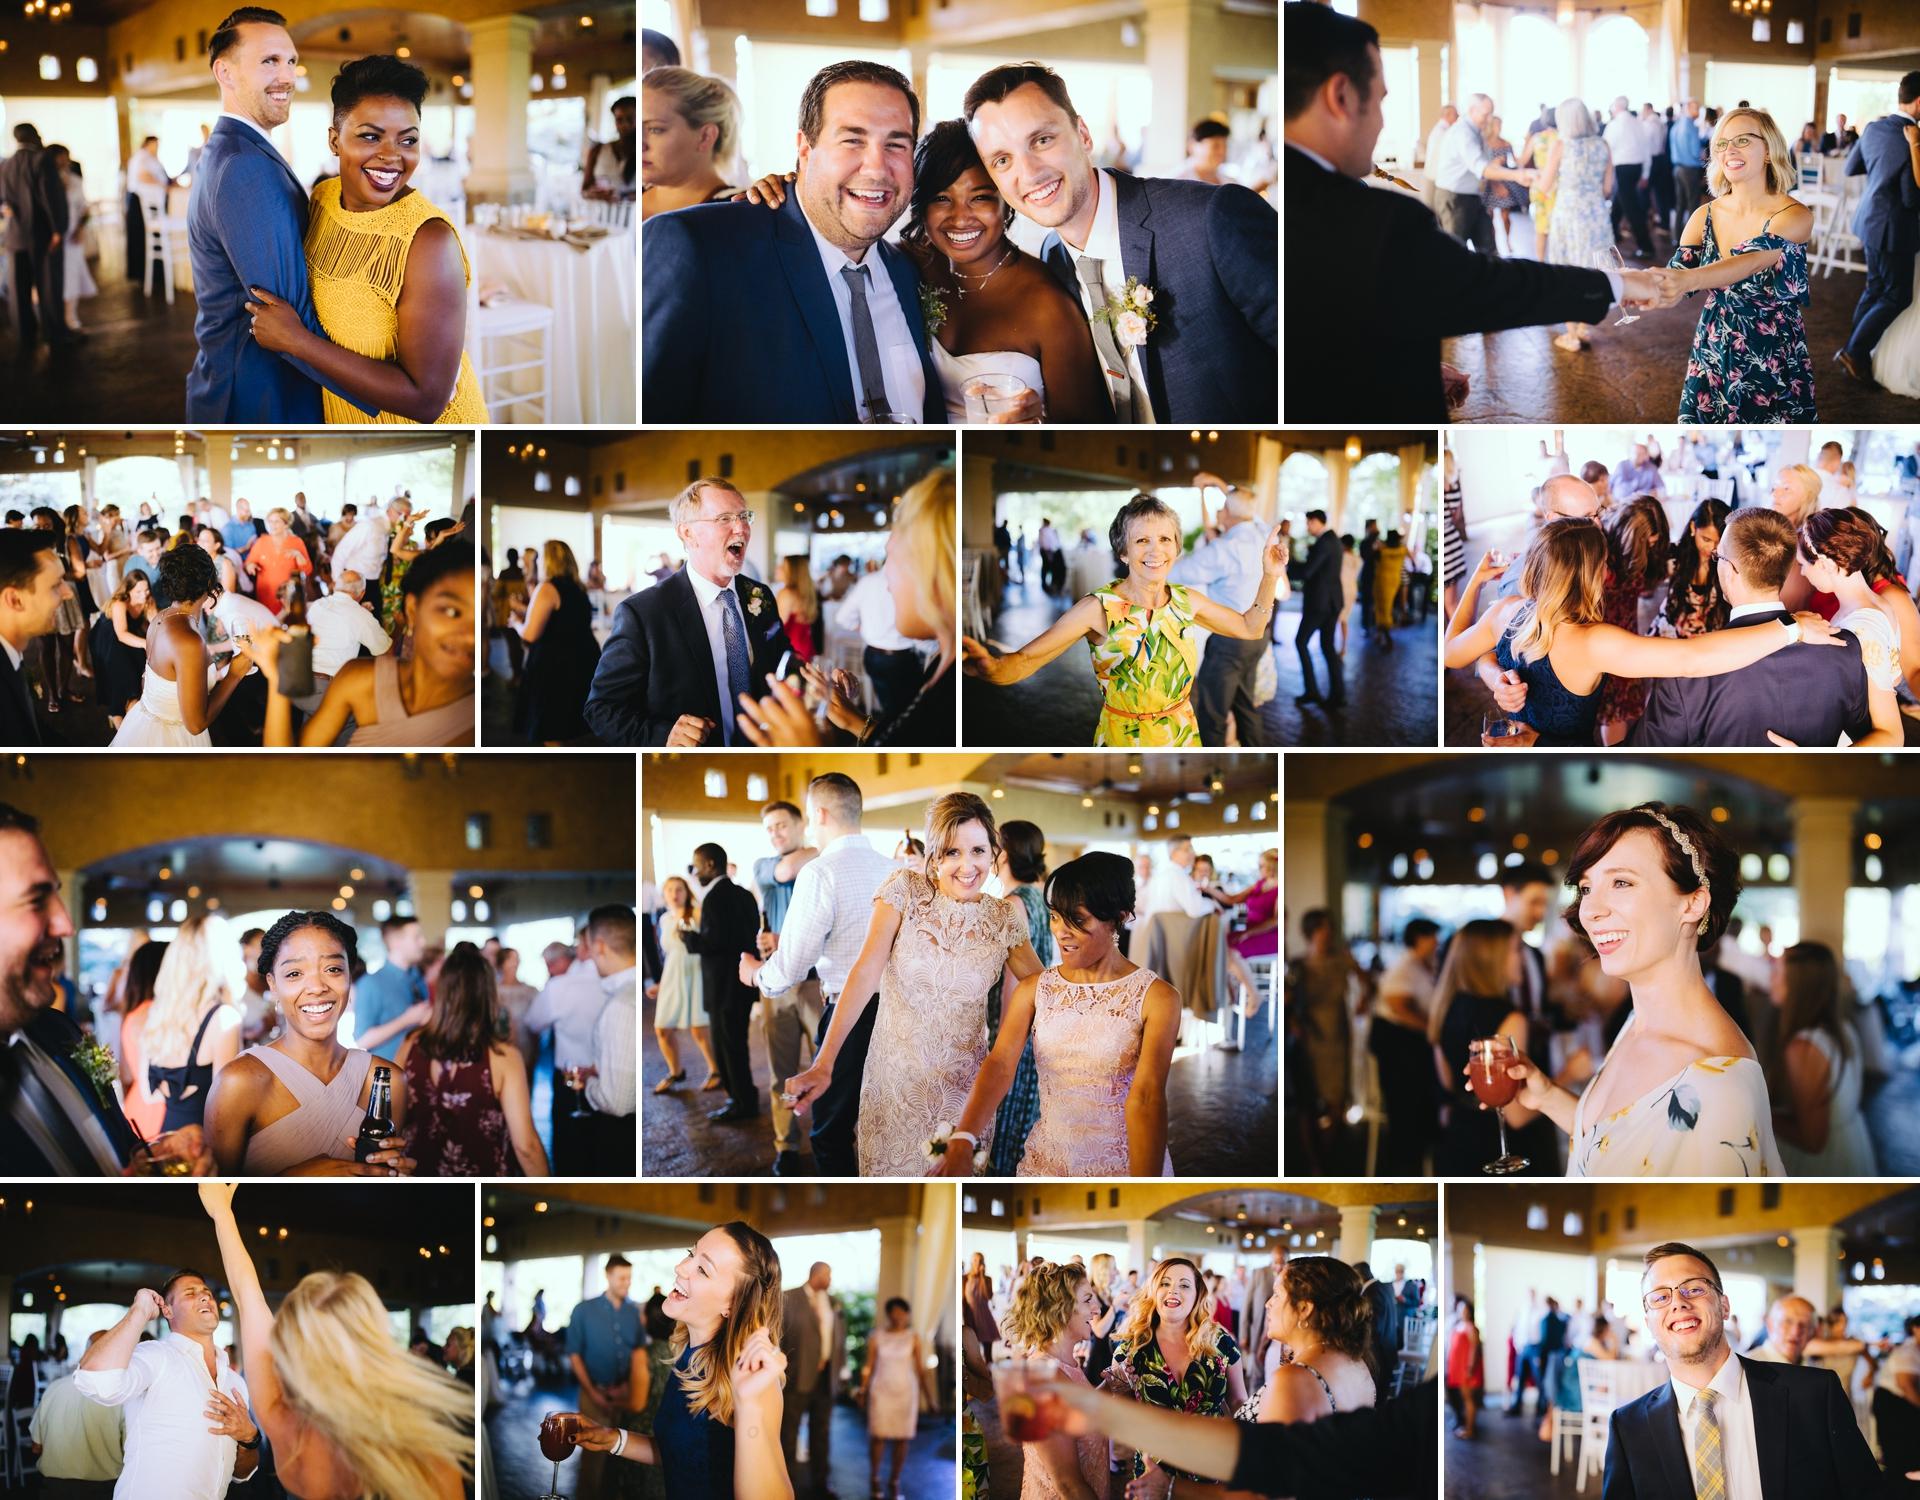 Gervasi Wedding Photographer in Canton Ohio 87.jpg